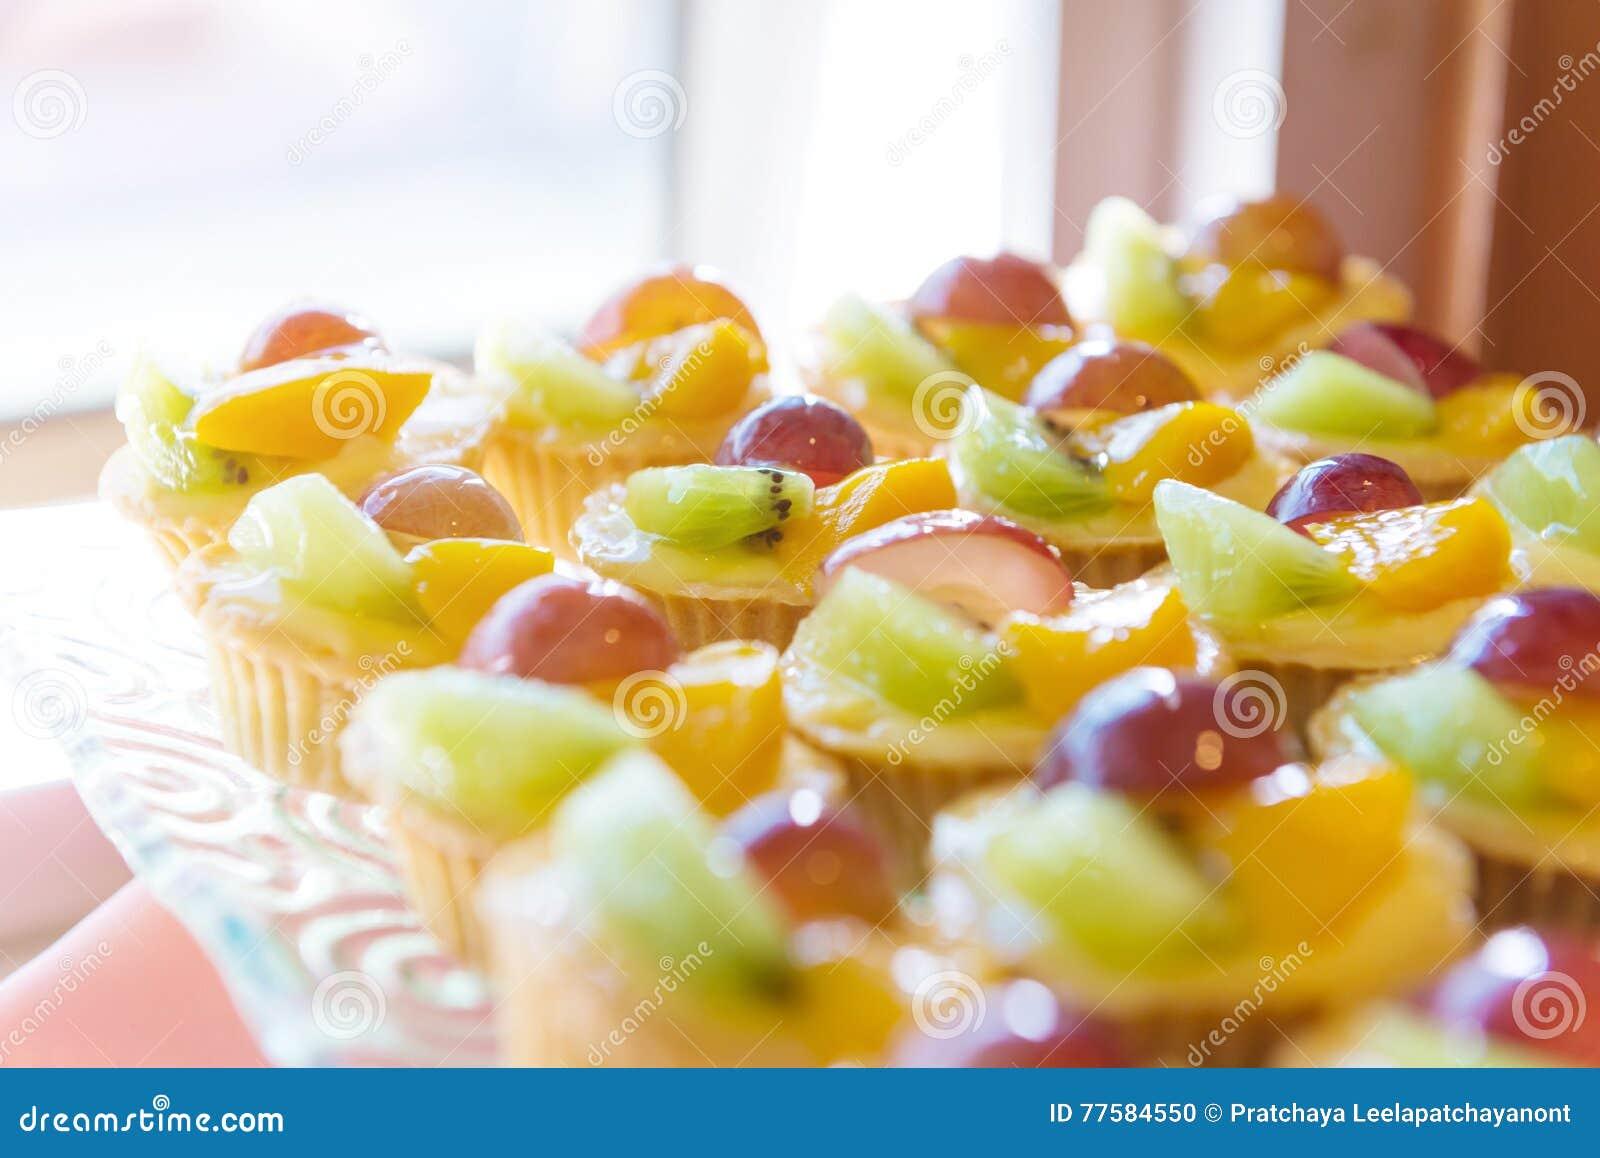 Syrlig blandad vaniljsås för ny frukt